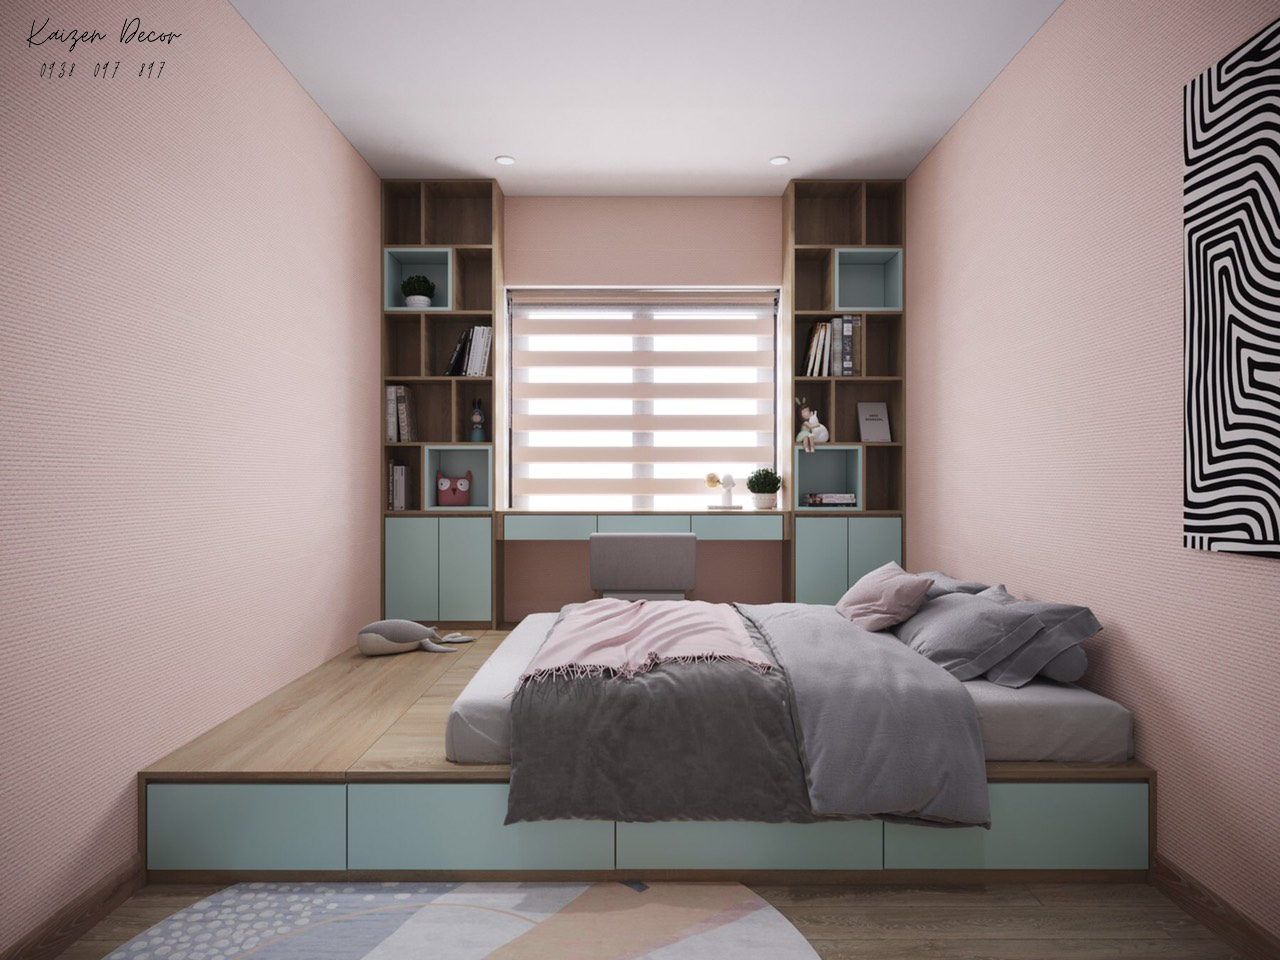 Giường ngủ bục hiện đại cho chung cư